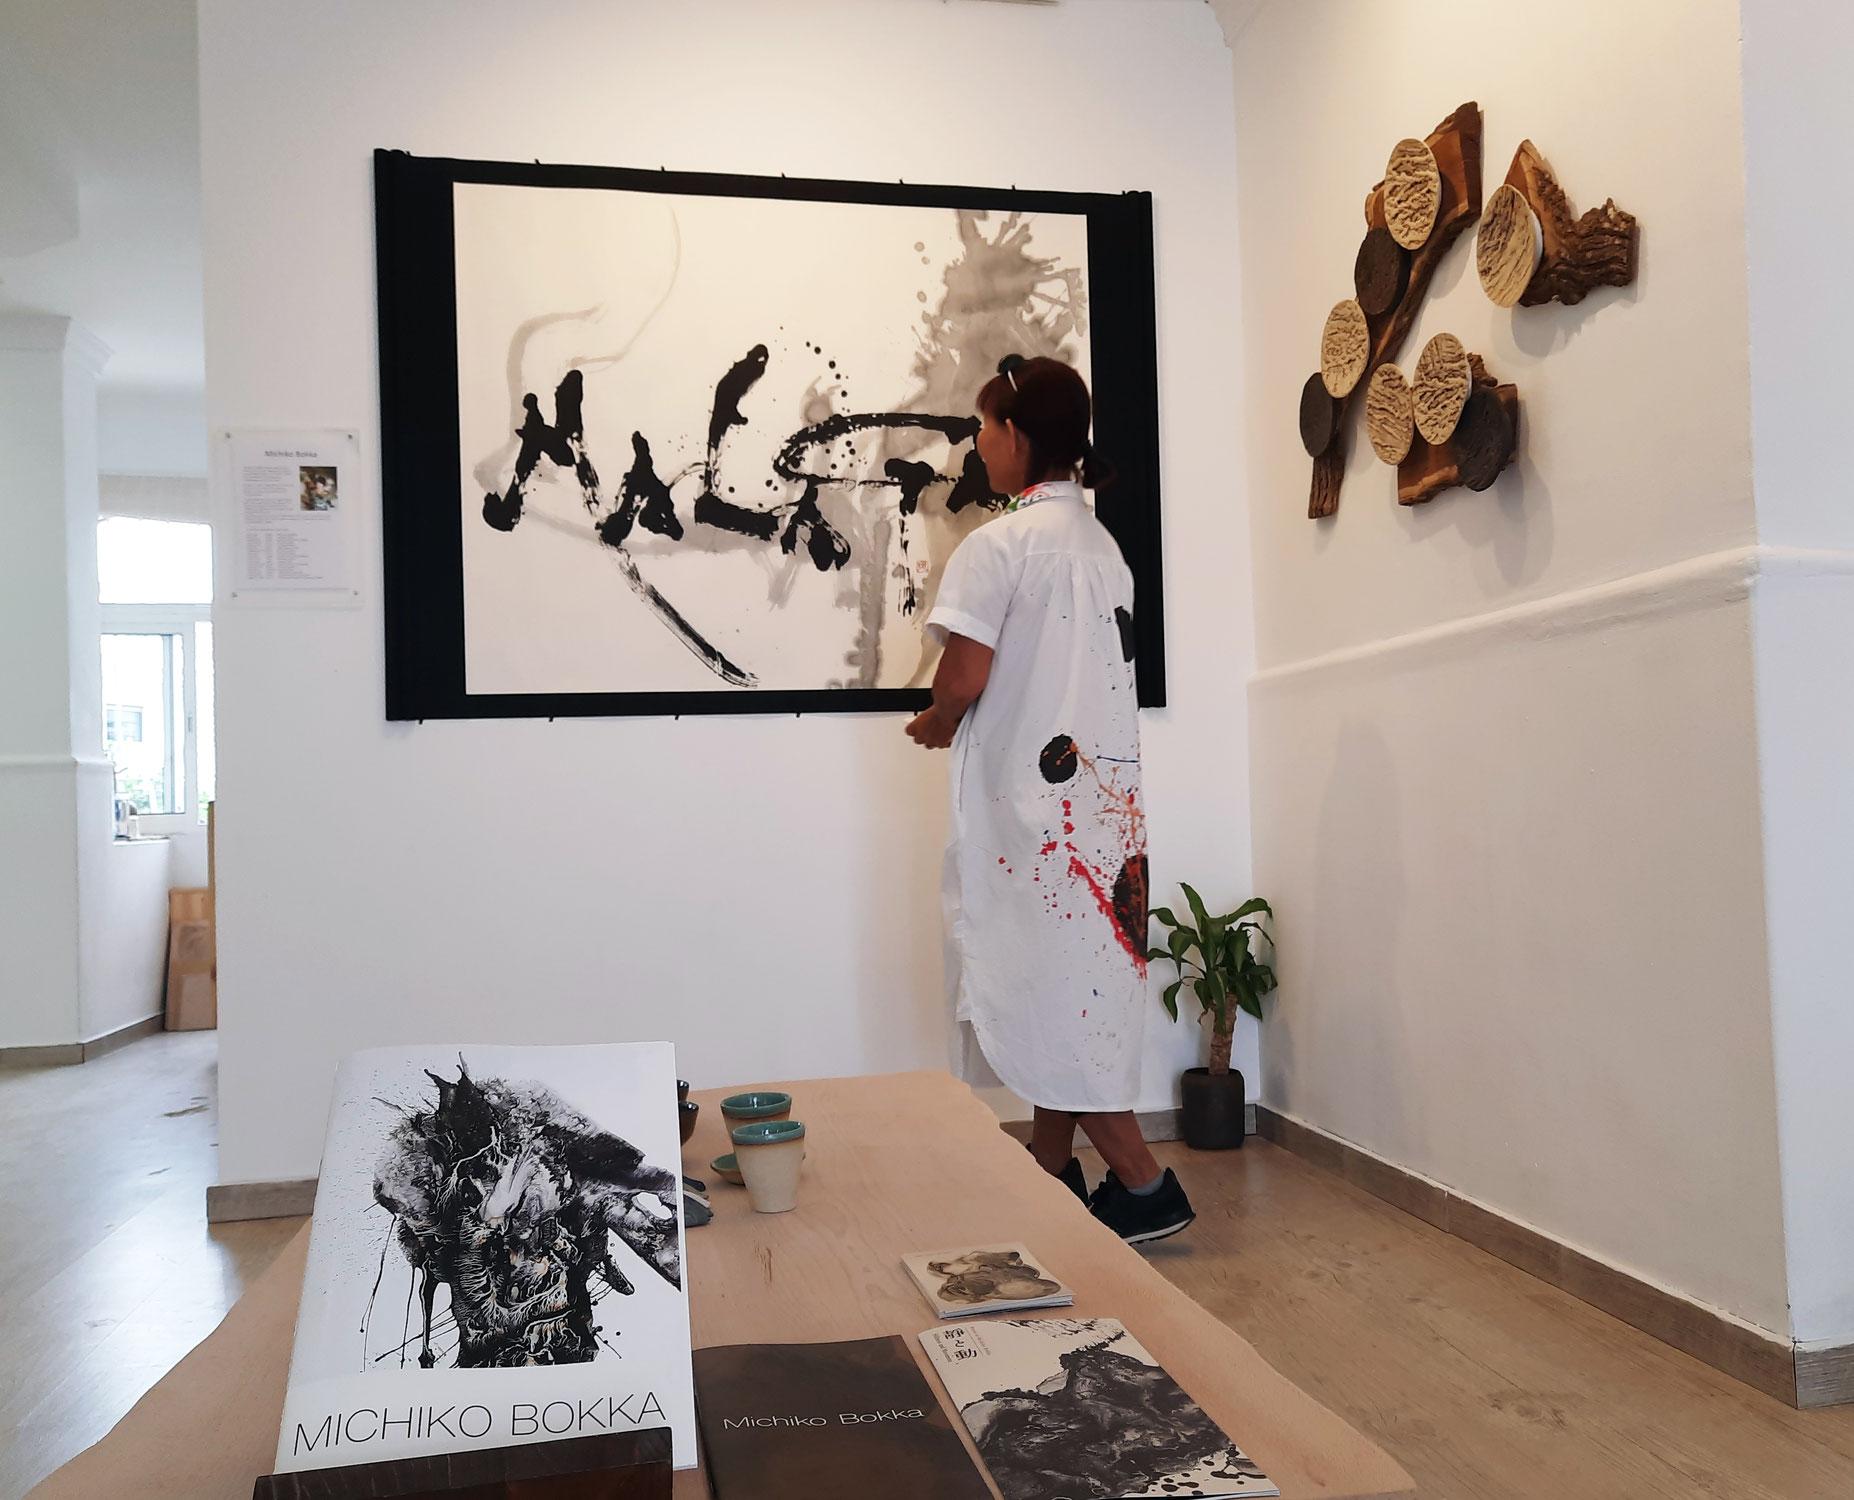 Exposición michiko bokka hasta 27 de Agosto